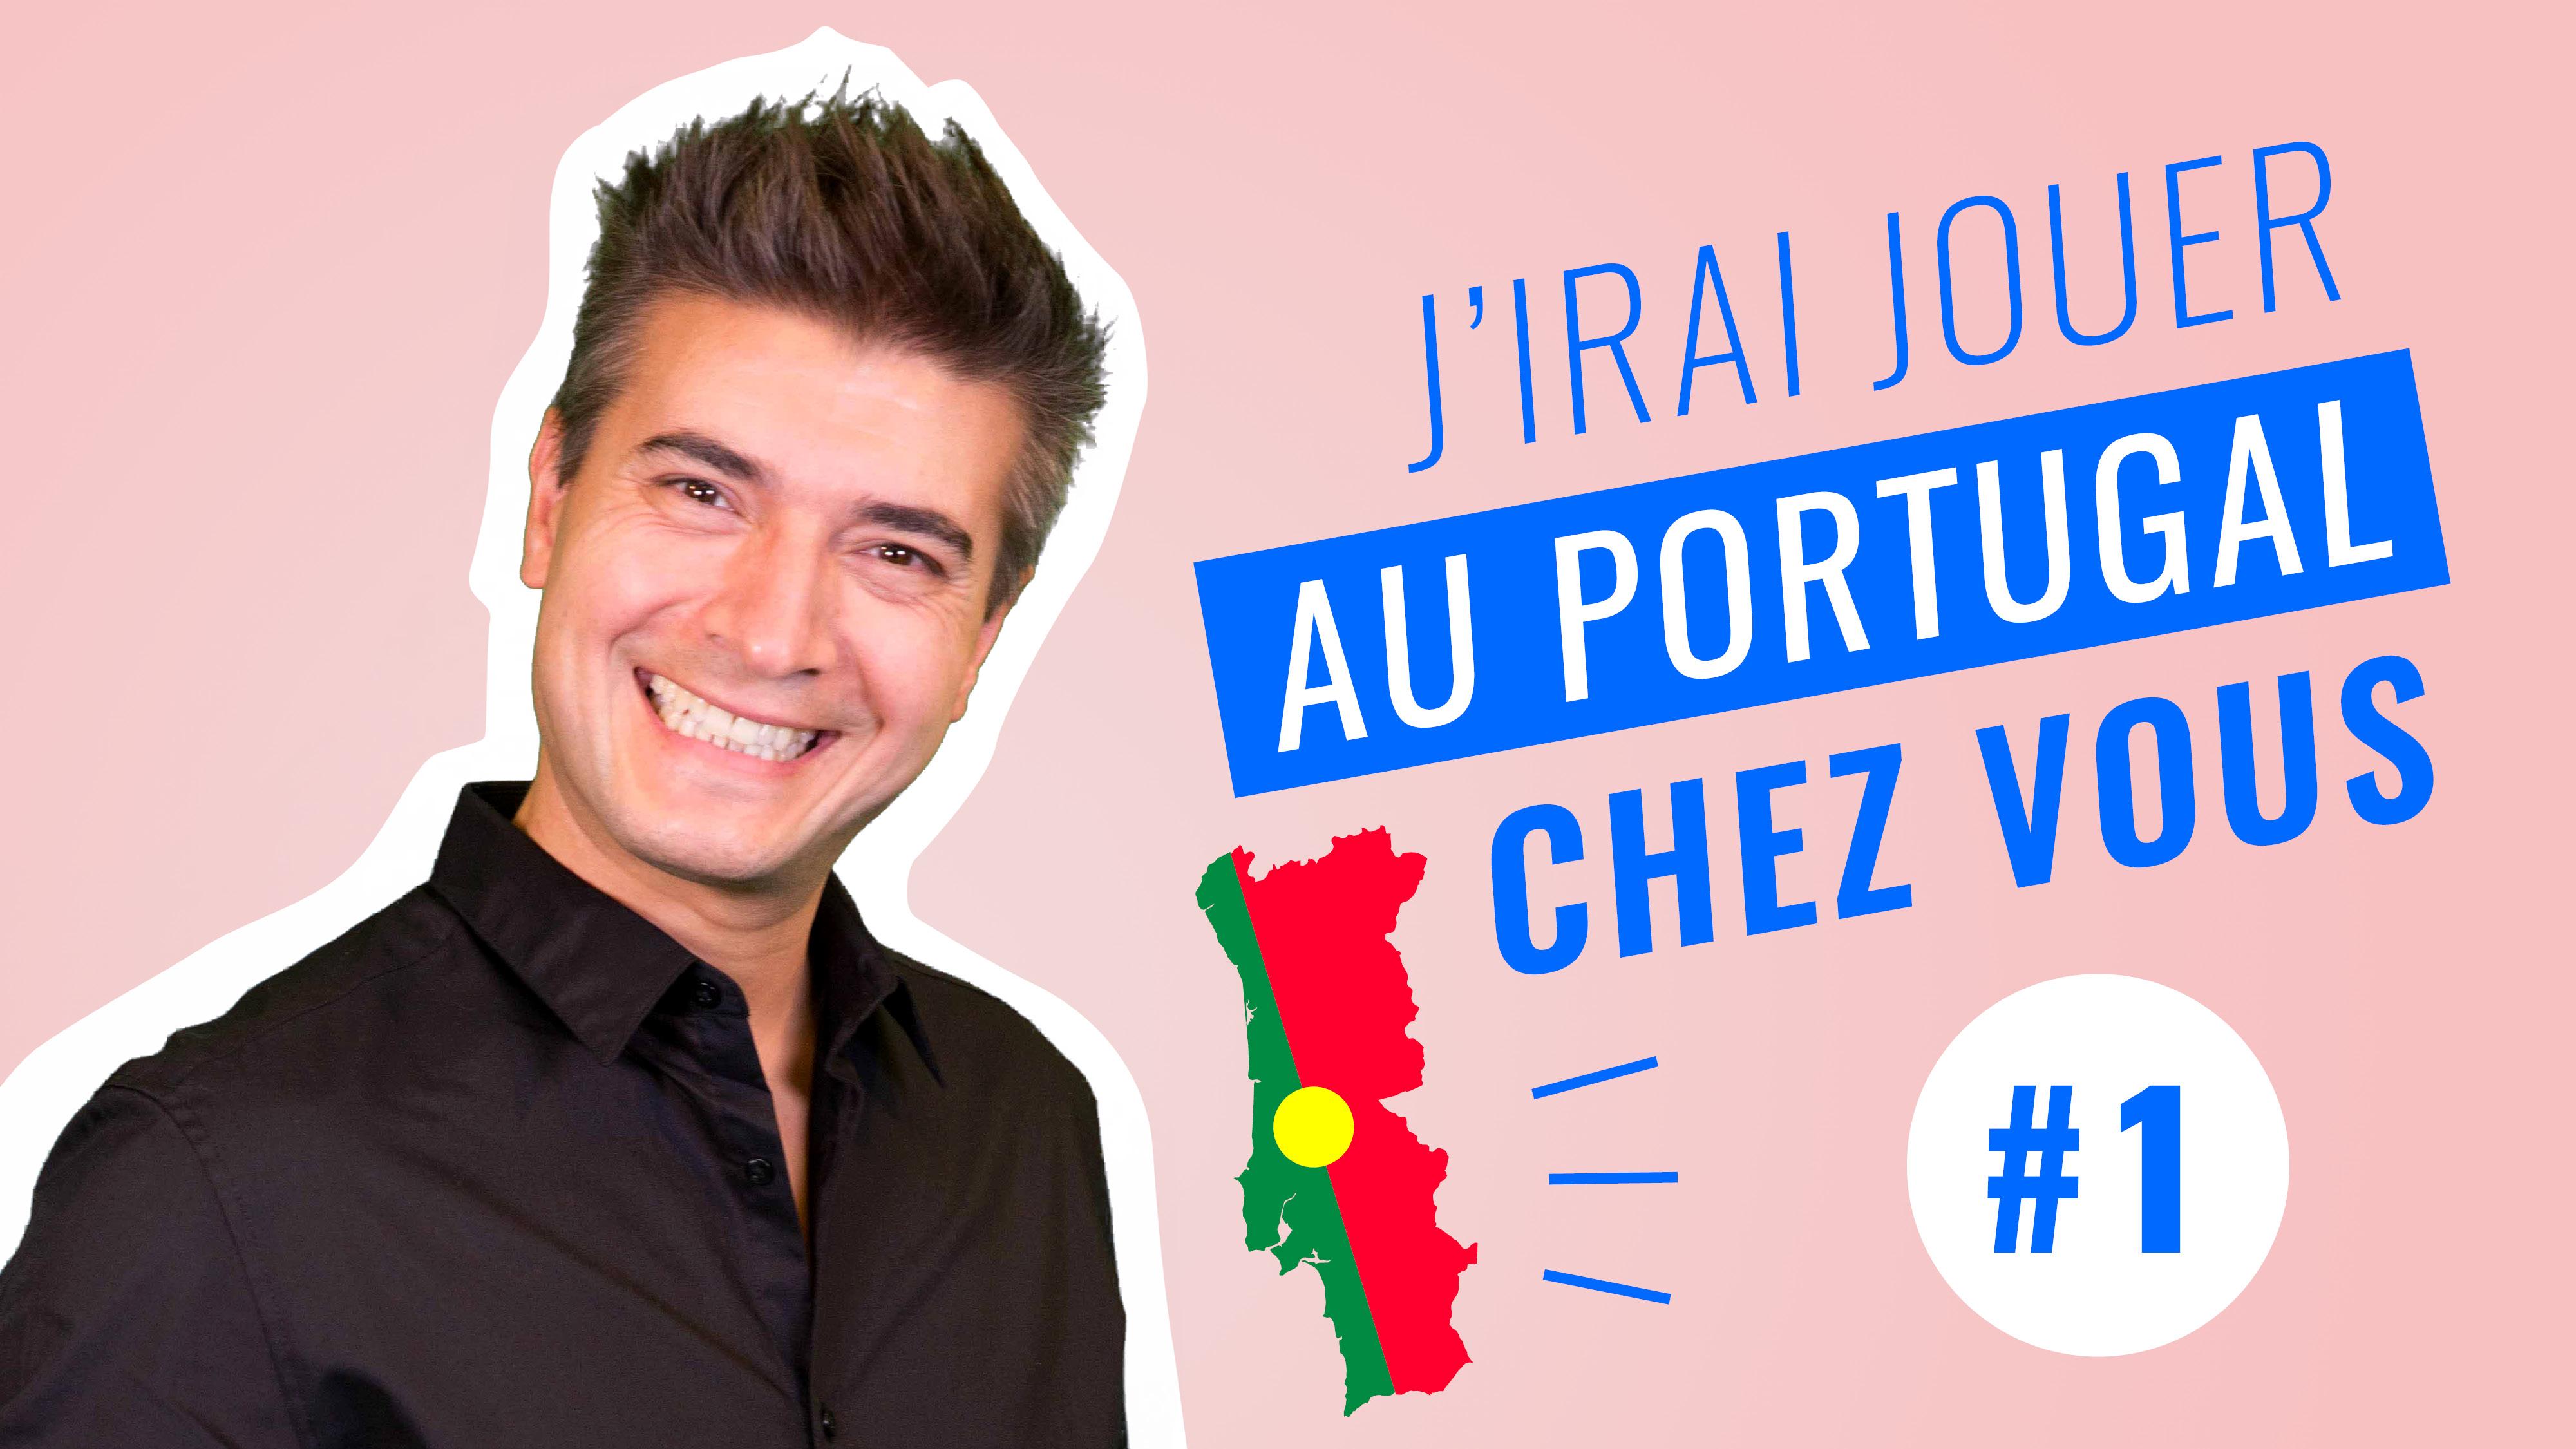 Visuel Youtube José Cruz J'irai jouer chez vous au portugal